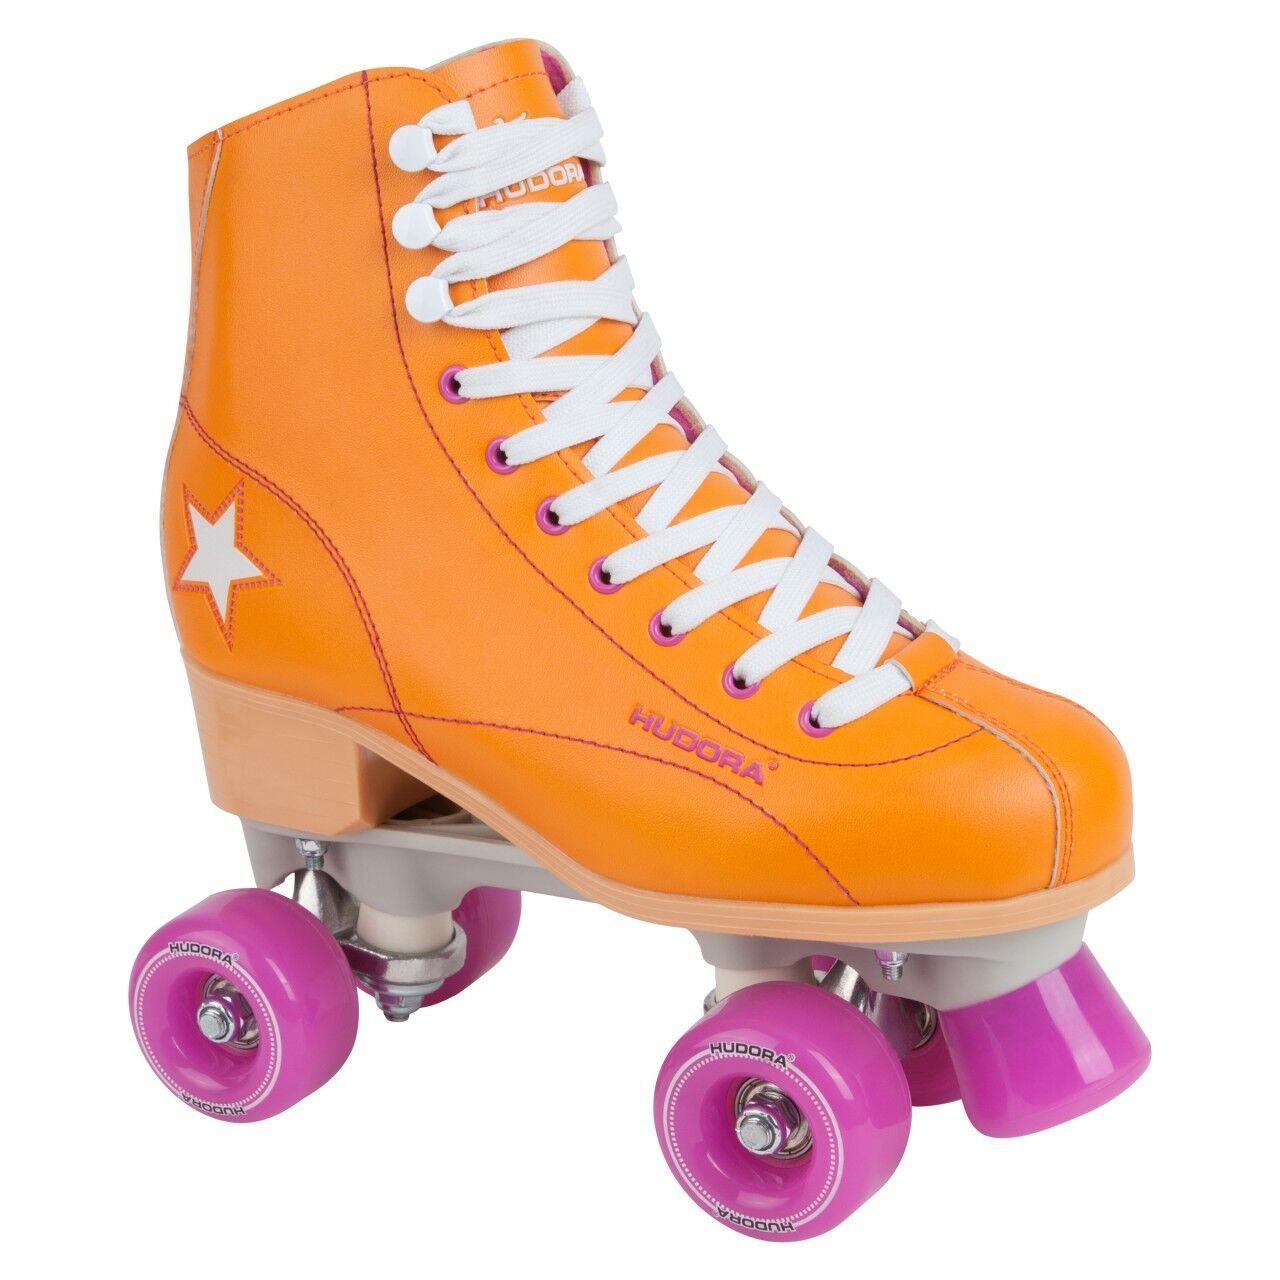 HUDORA Rollschuhe Roller Skate Disco Gr. 35 Orange-lila